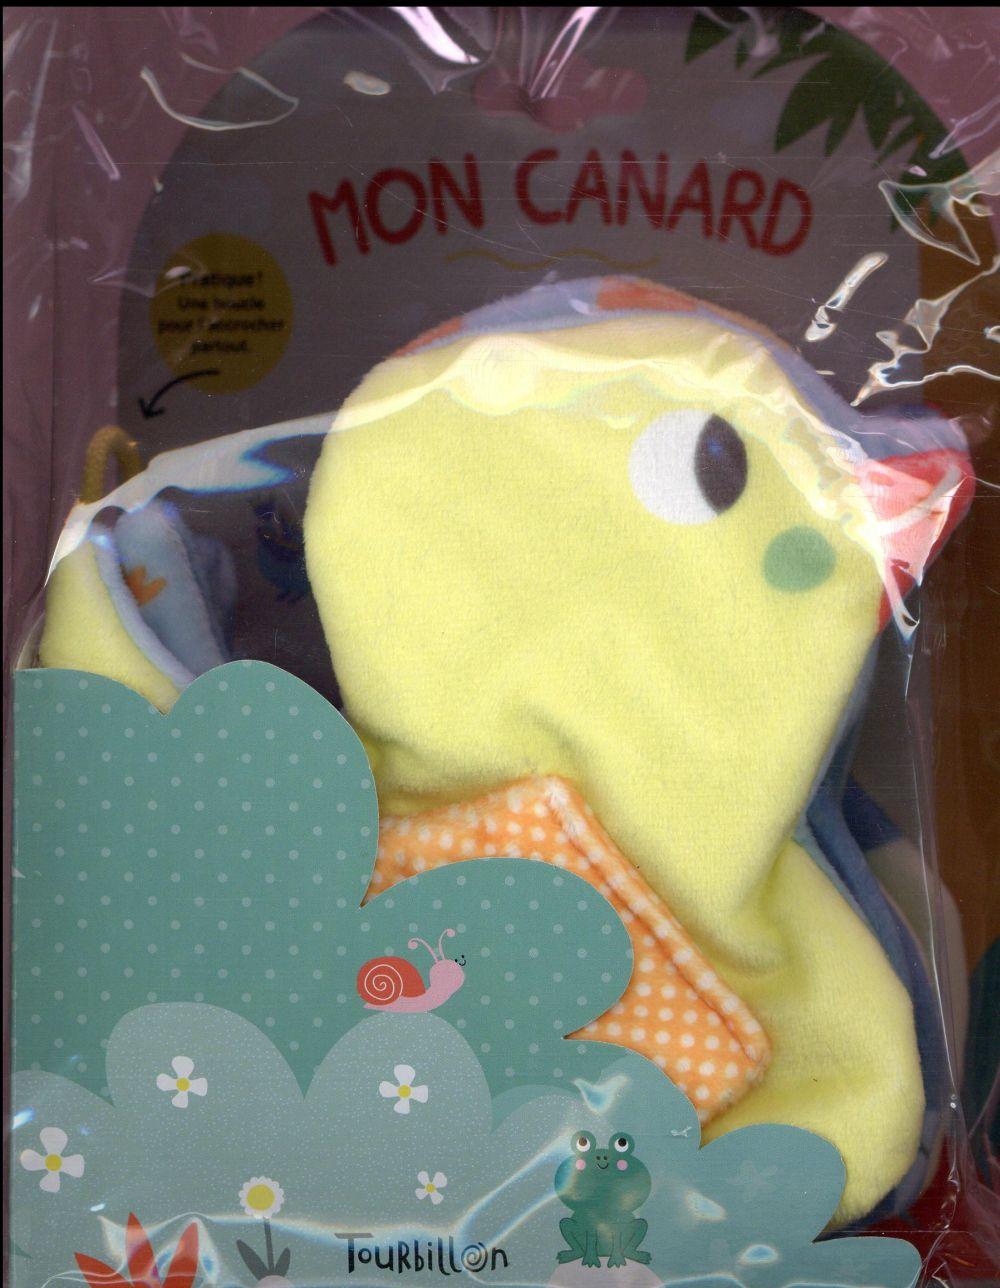 MON CANARD - TISSU